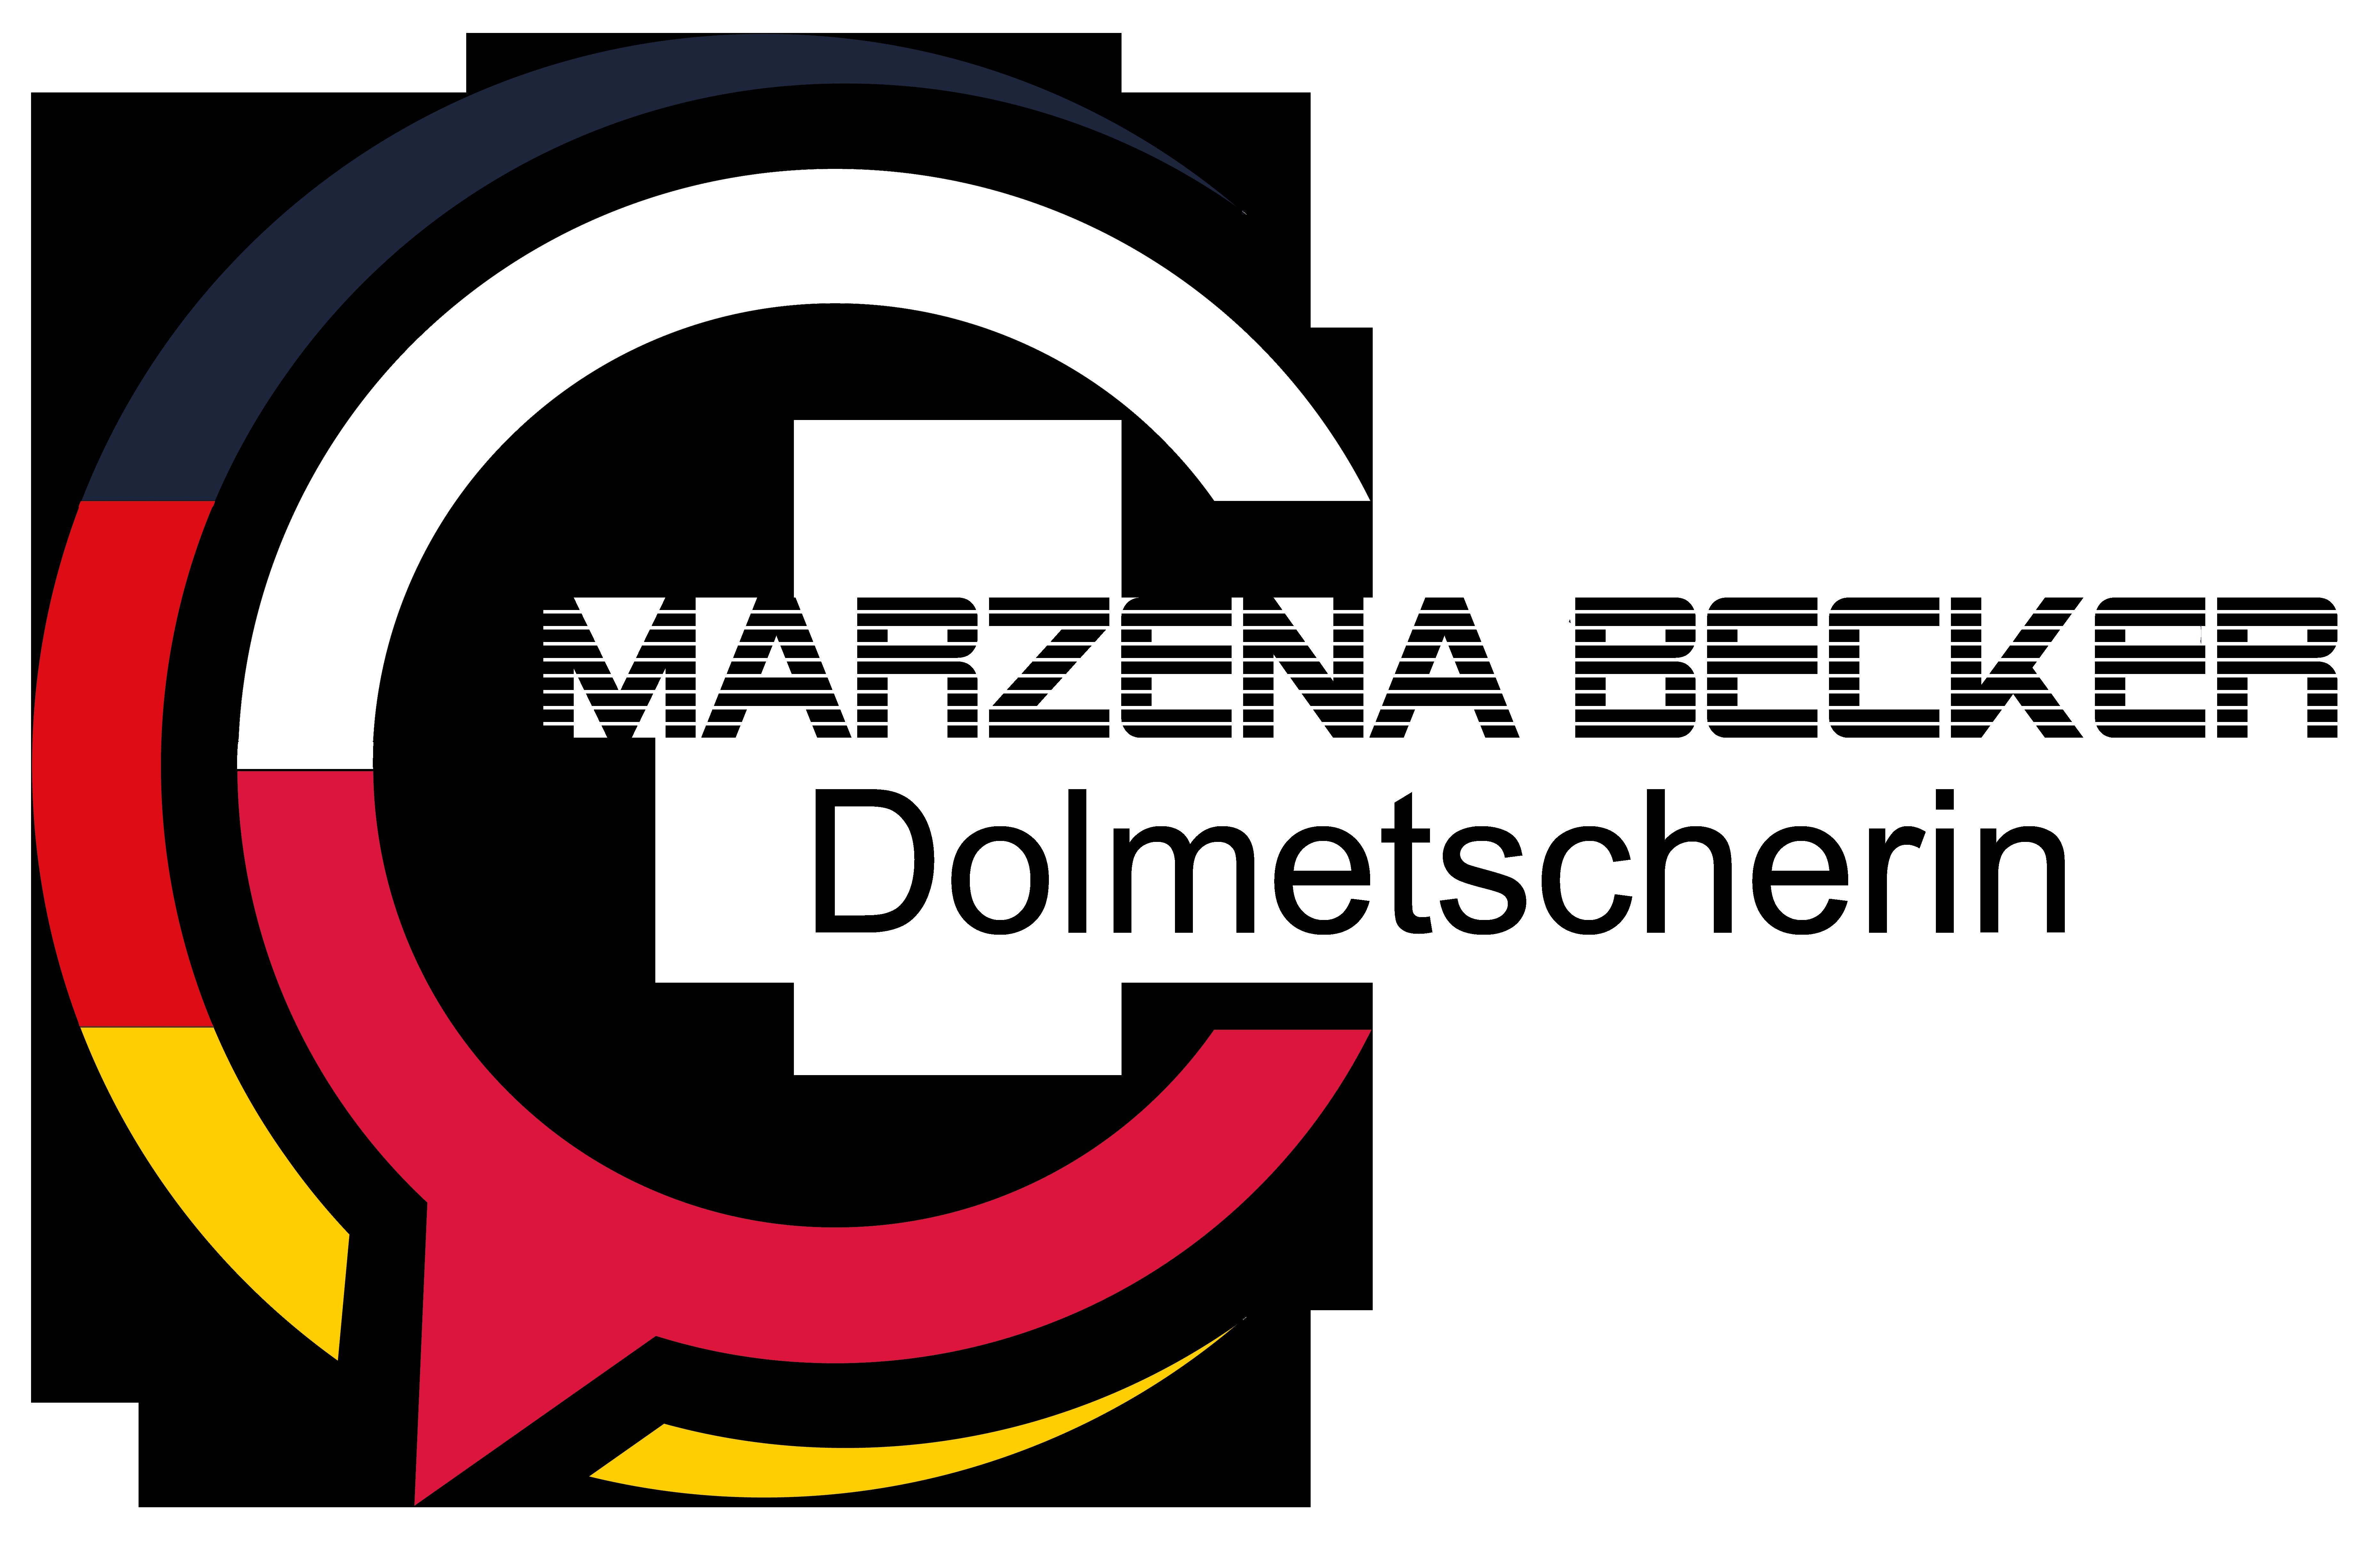 Dolmetscherin polnisch - deutsch